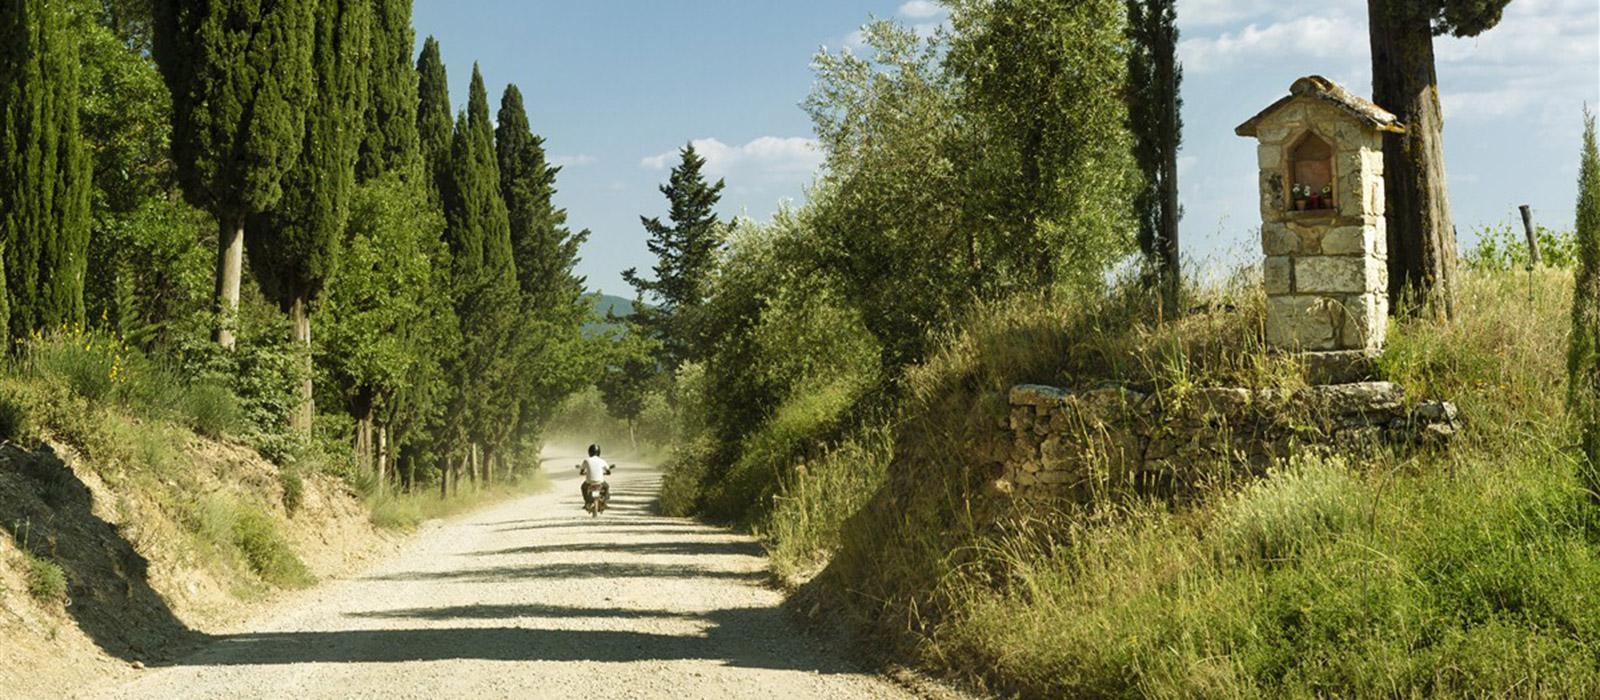 Acheter Une Maison En Italie Abruzzes voyage road trip italie sur mesure, séjour road trip italie